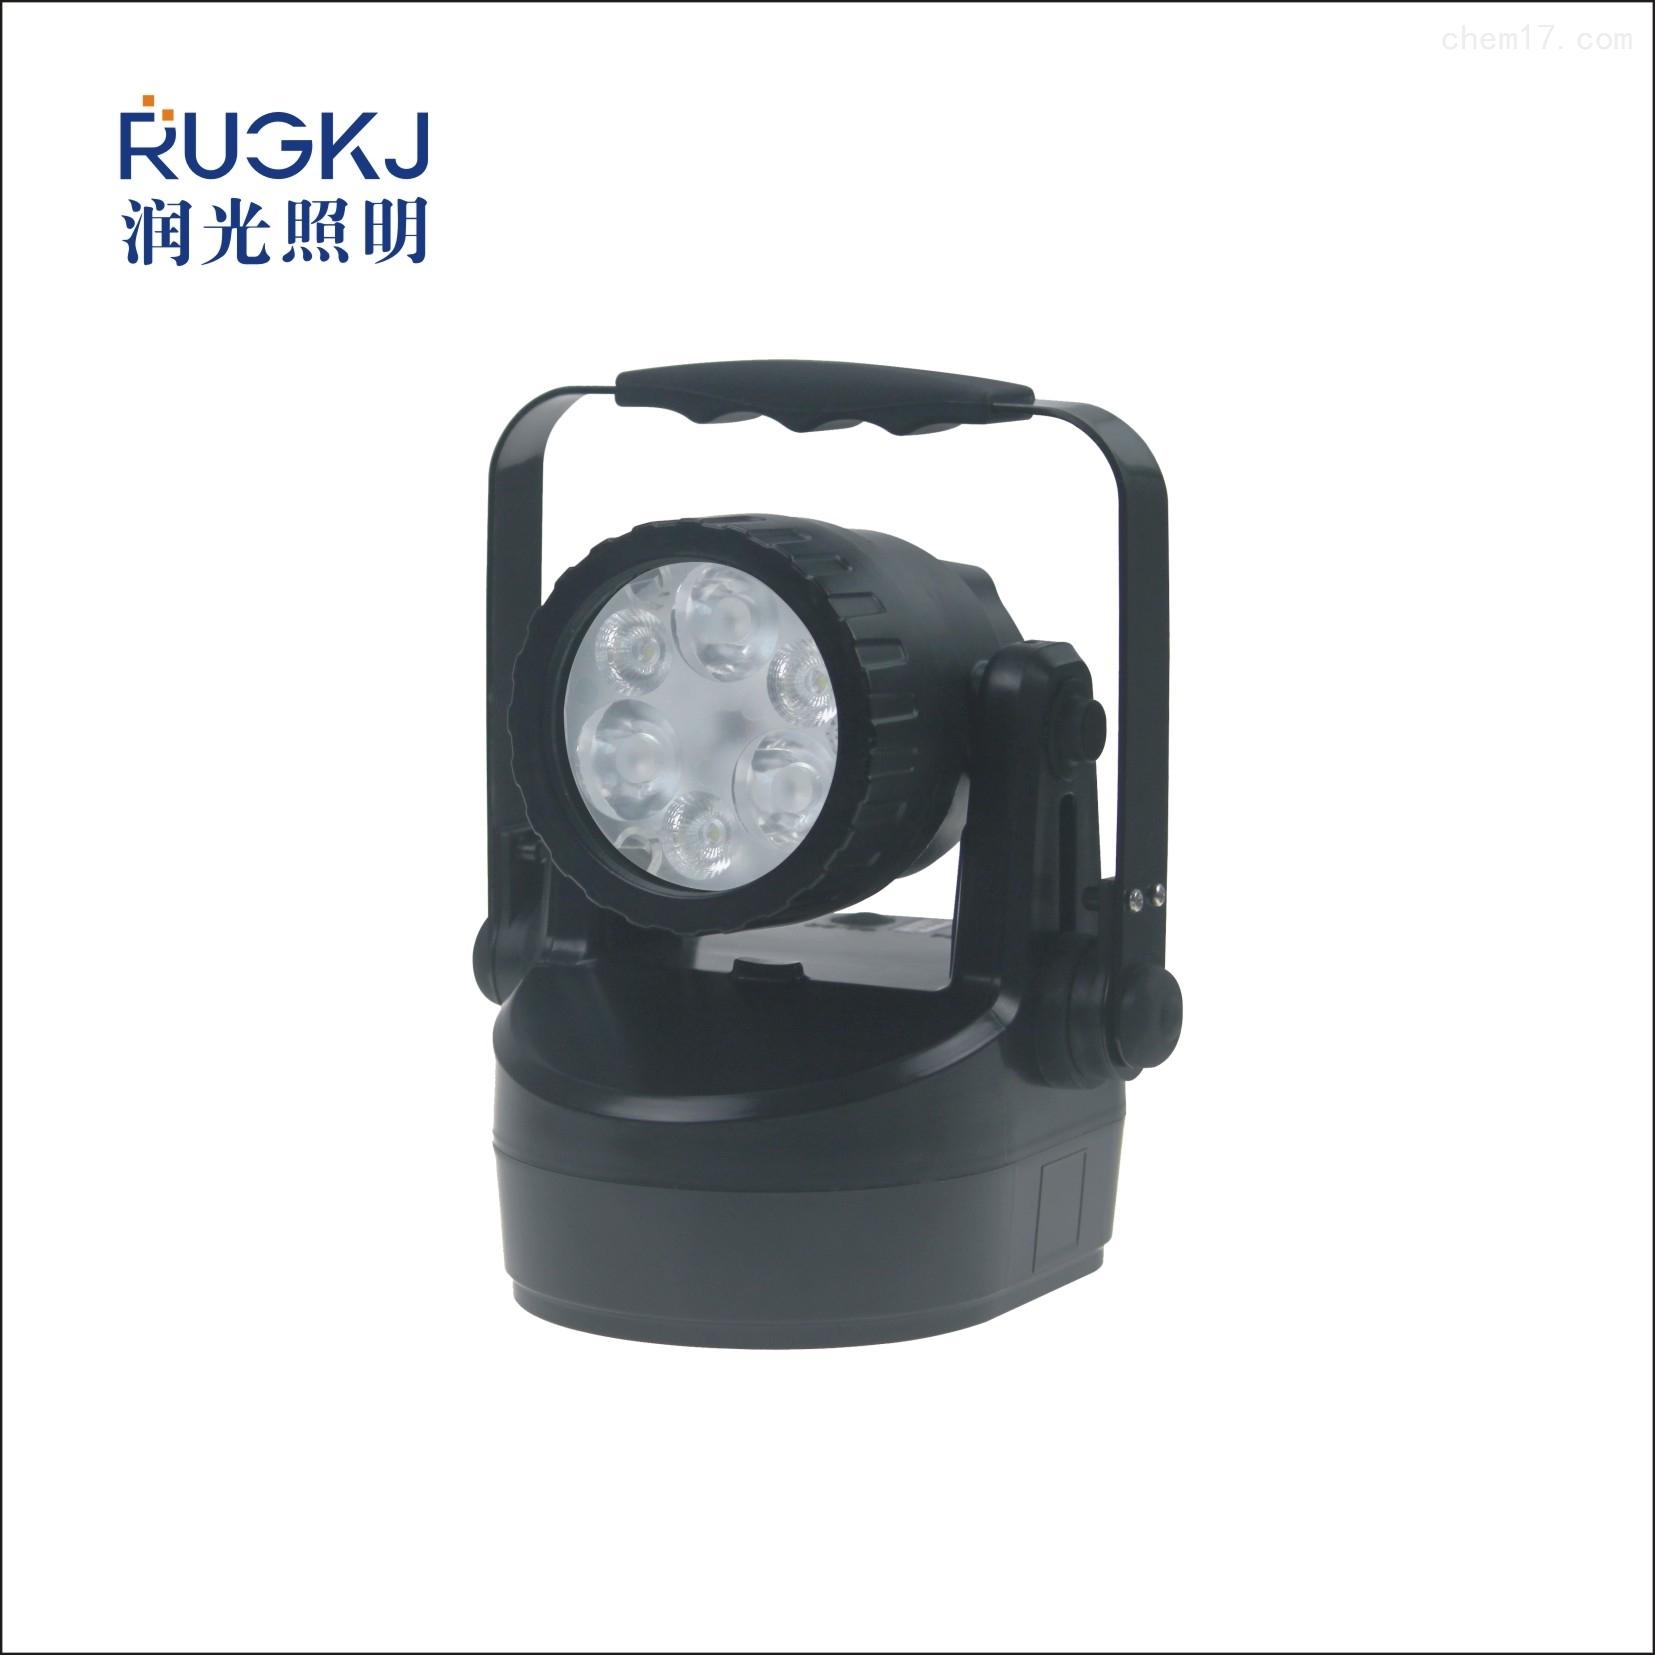 润光照明-JIW5282轻便式多功能工作灯厂家